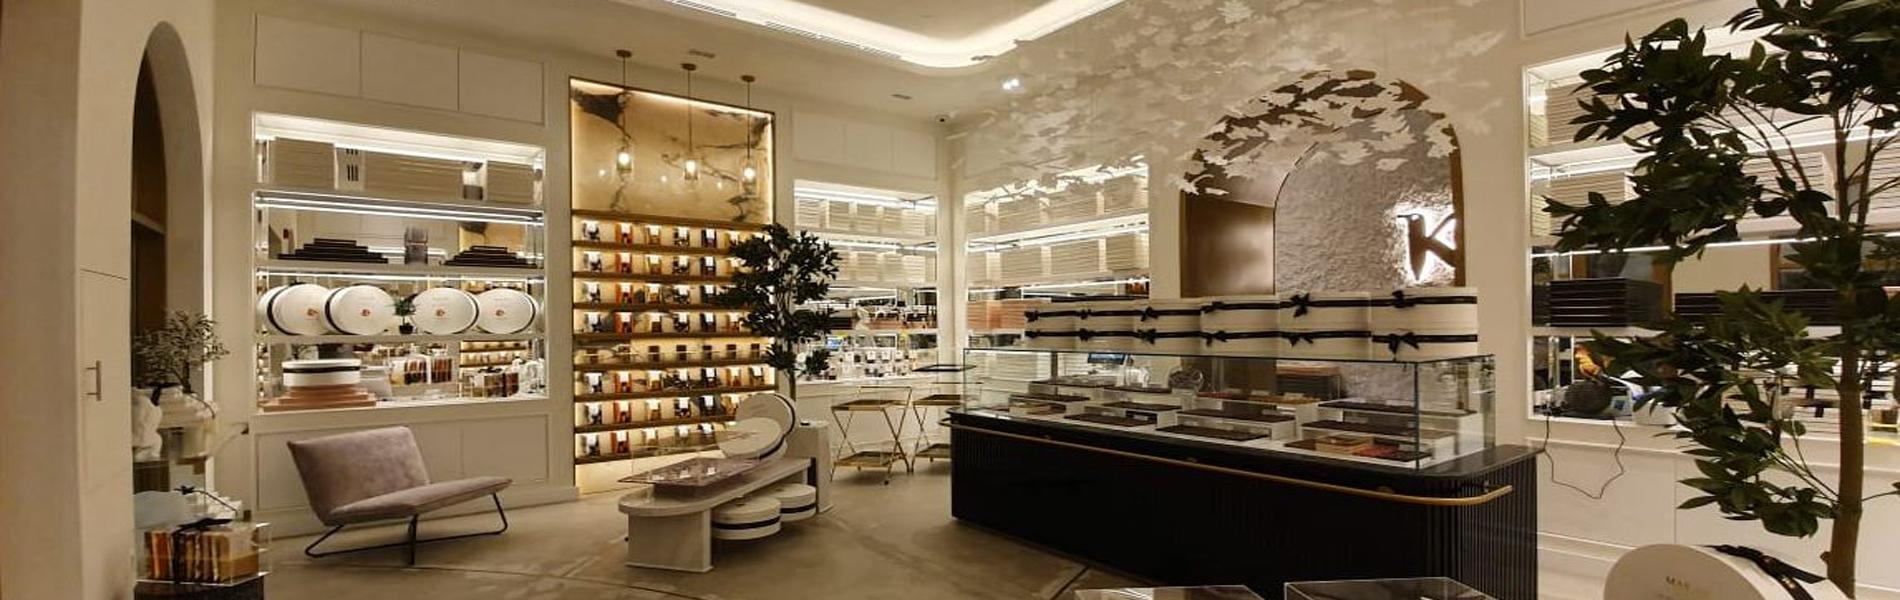 Top 10 Interior Design Companies In Dubai Uae